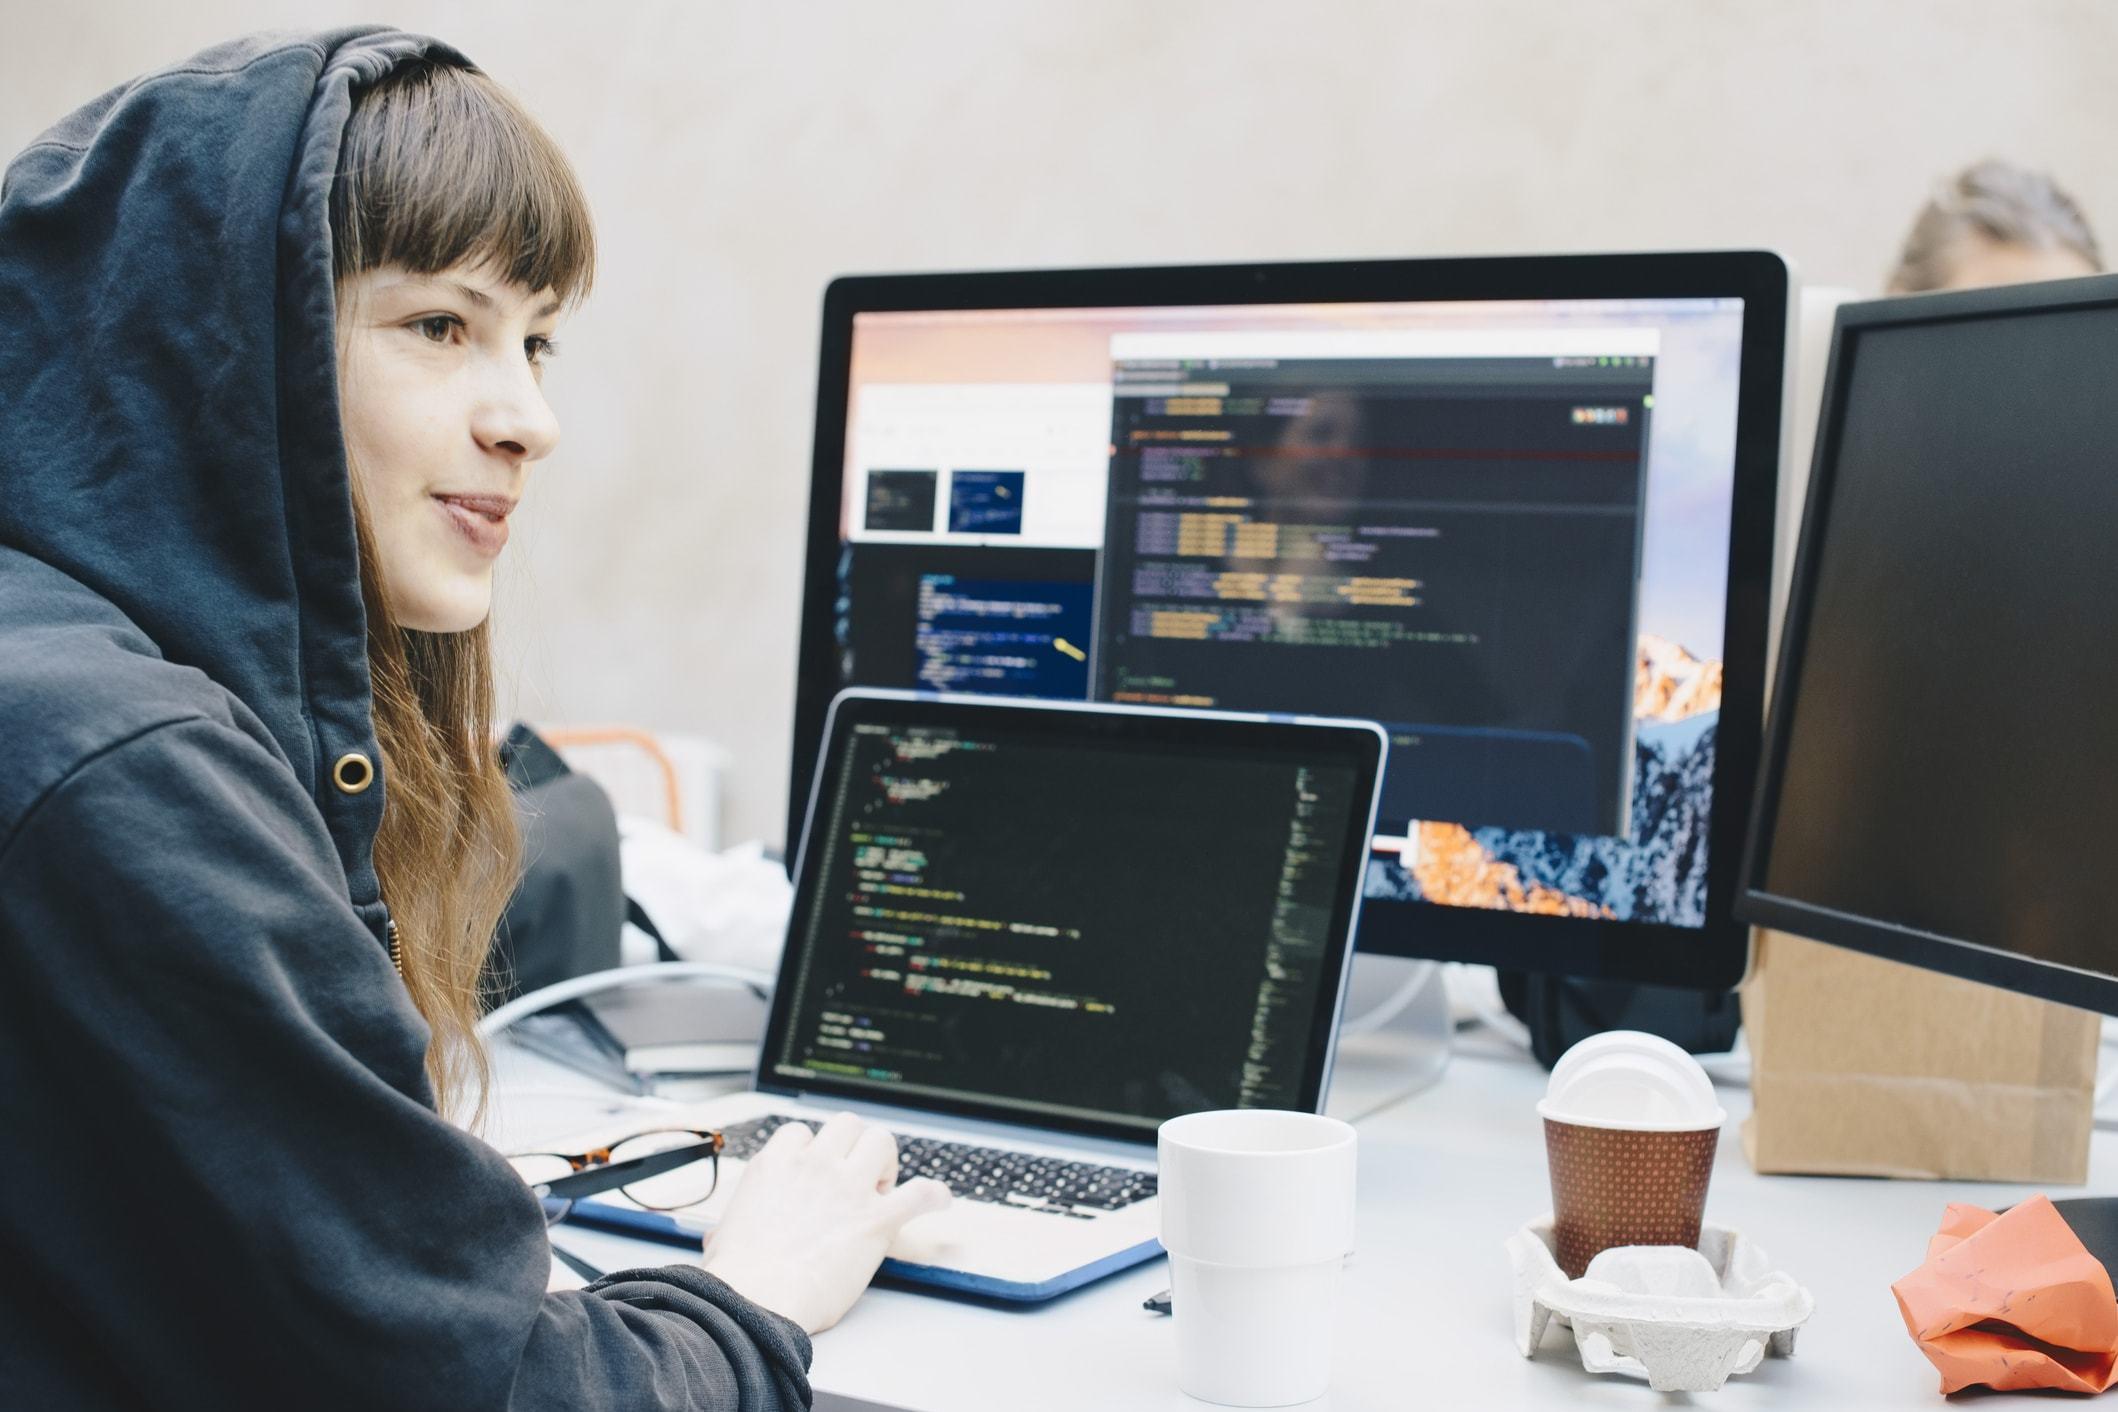 работа для девушек программистов